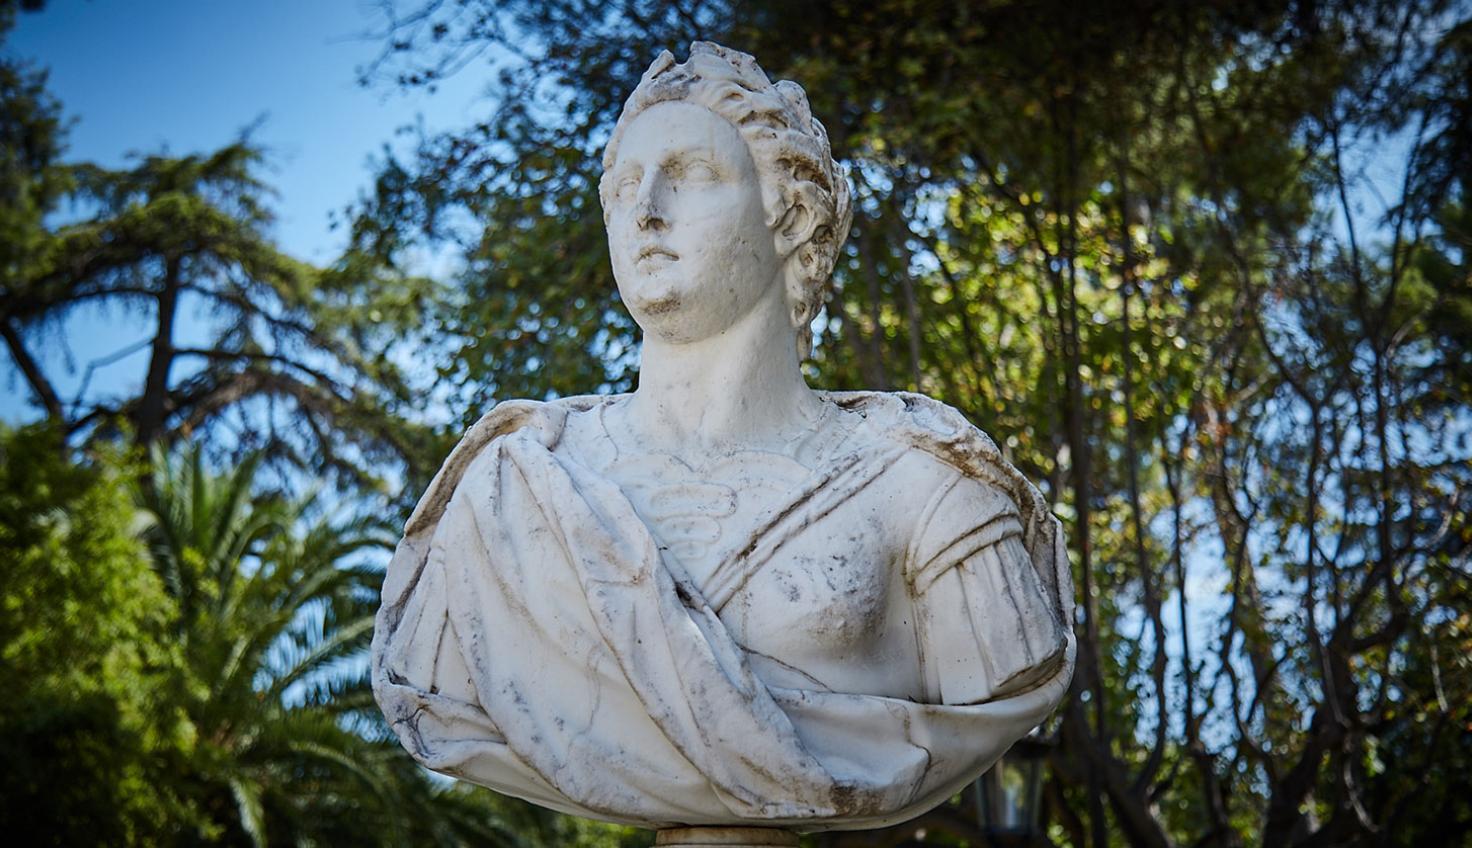 Photo Pedralbes Gardens